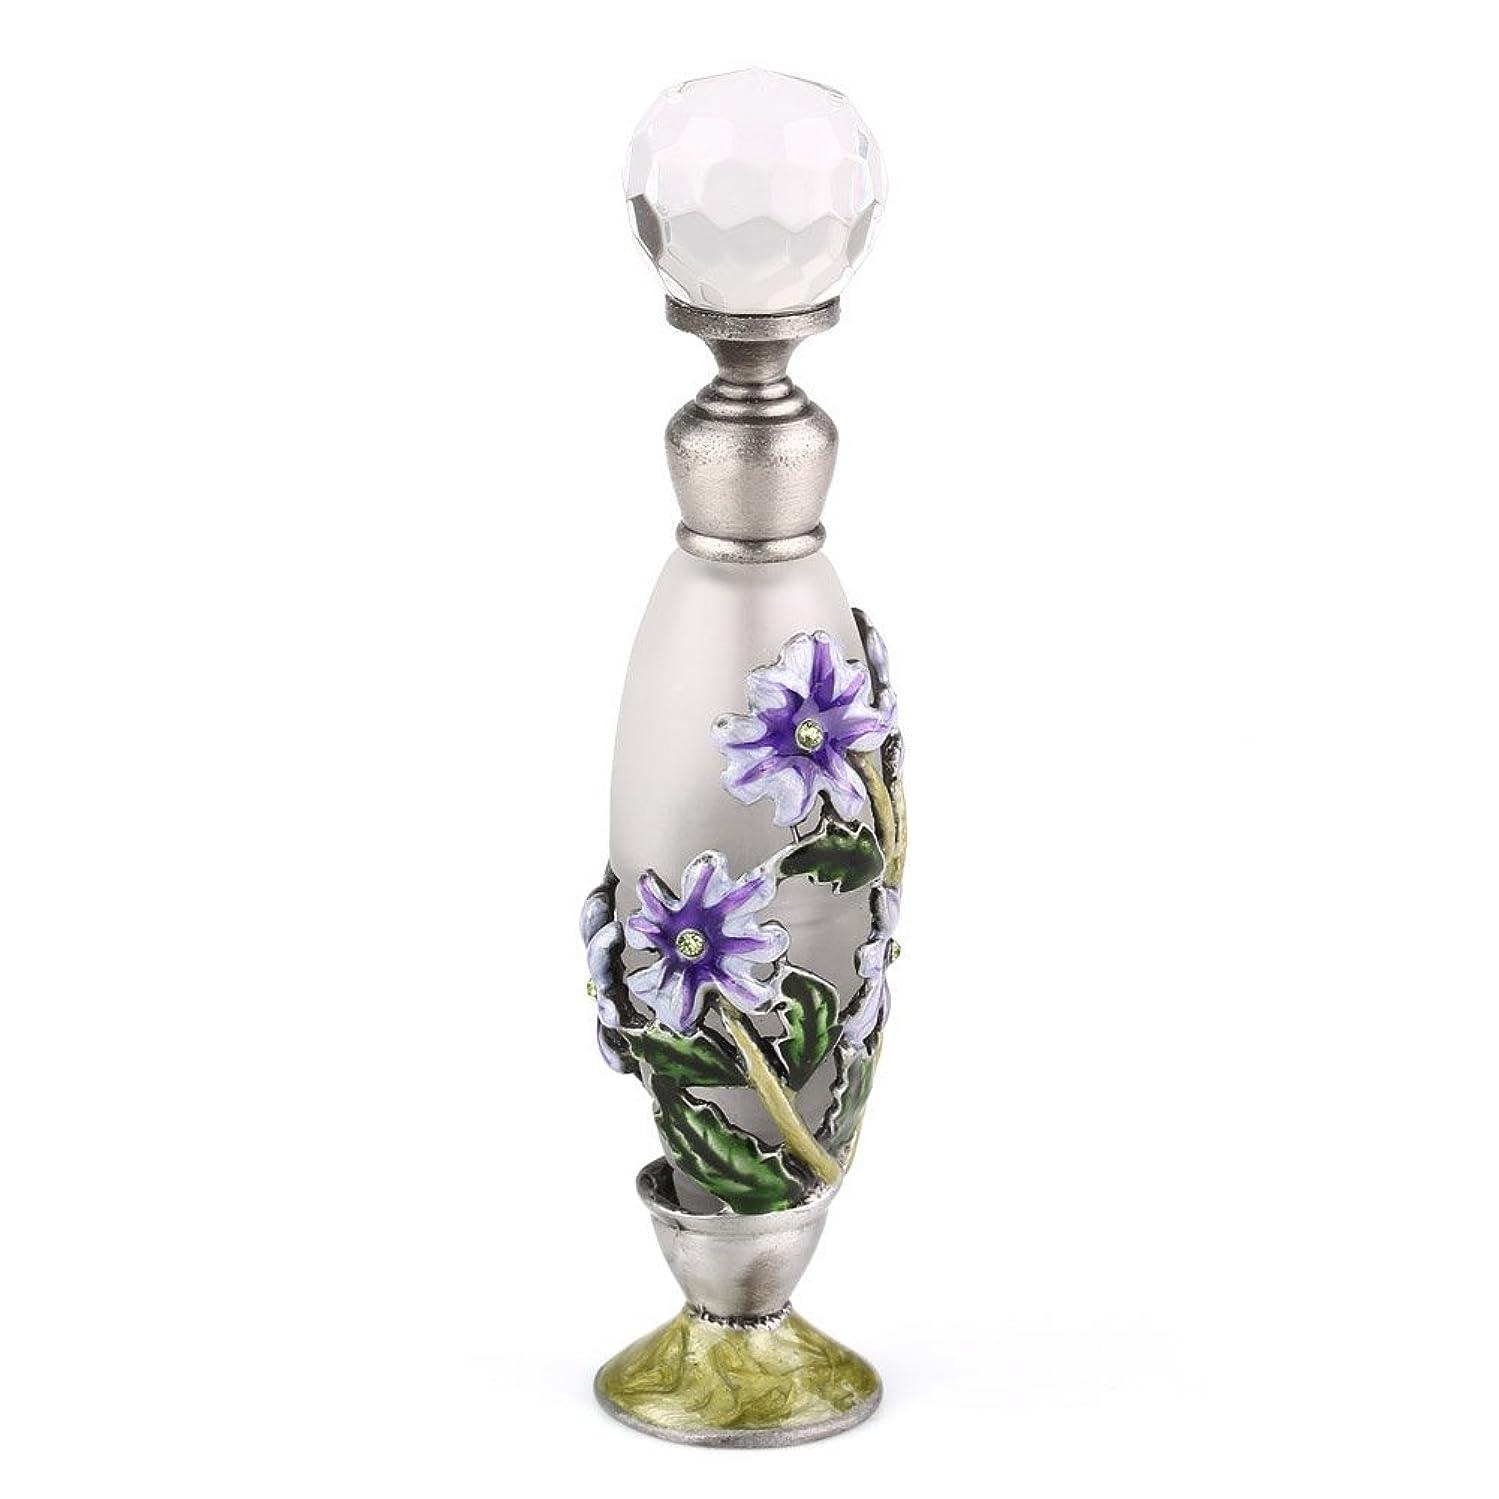 原子不正確建てる高品質 美しい香水瓶 7ML 小型ガラスアロマボトル フラワー 綺麗アンティーク調欧風デザイン プレゼント 結婚式 飾り